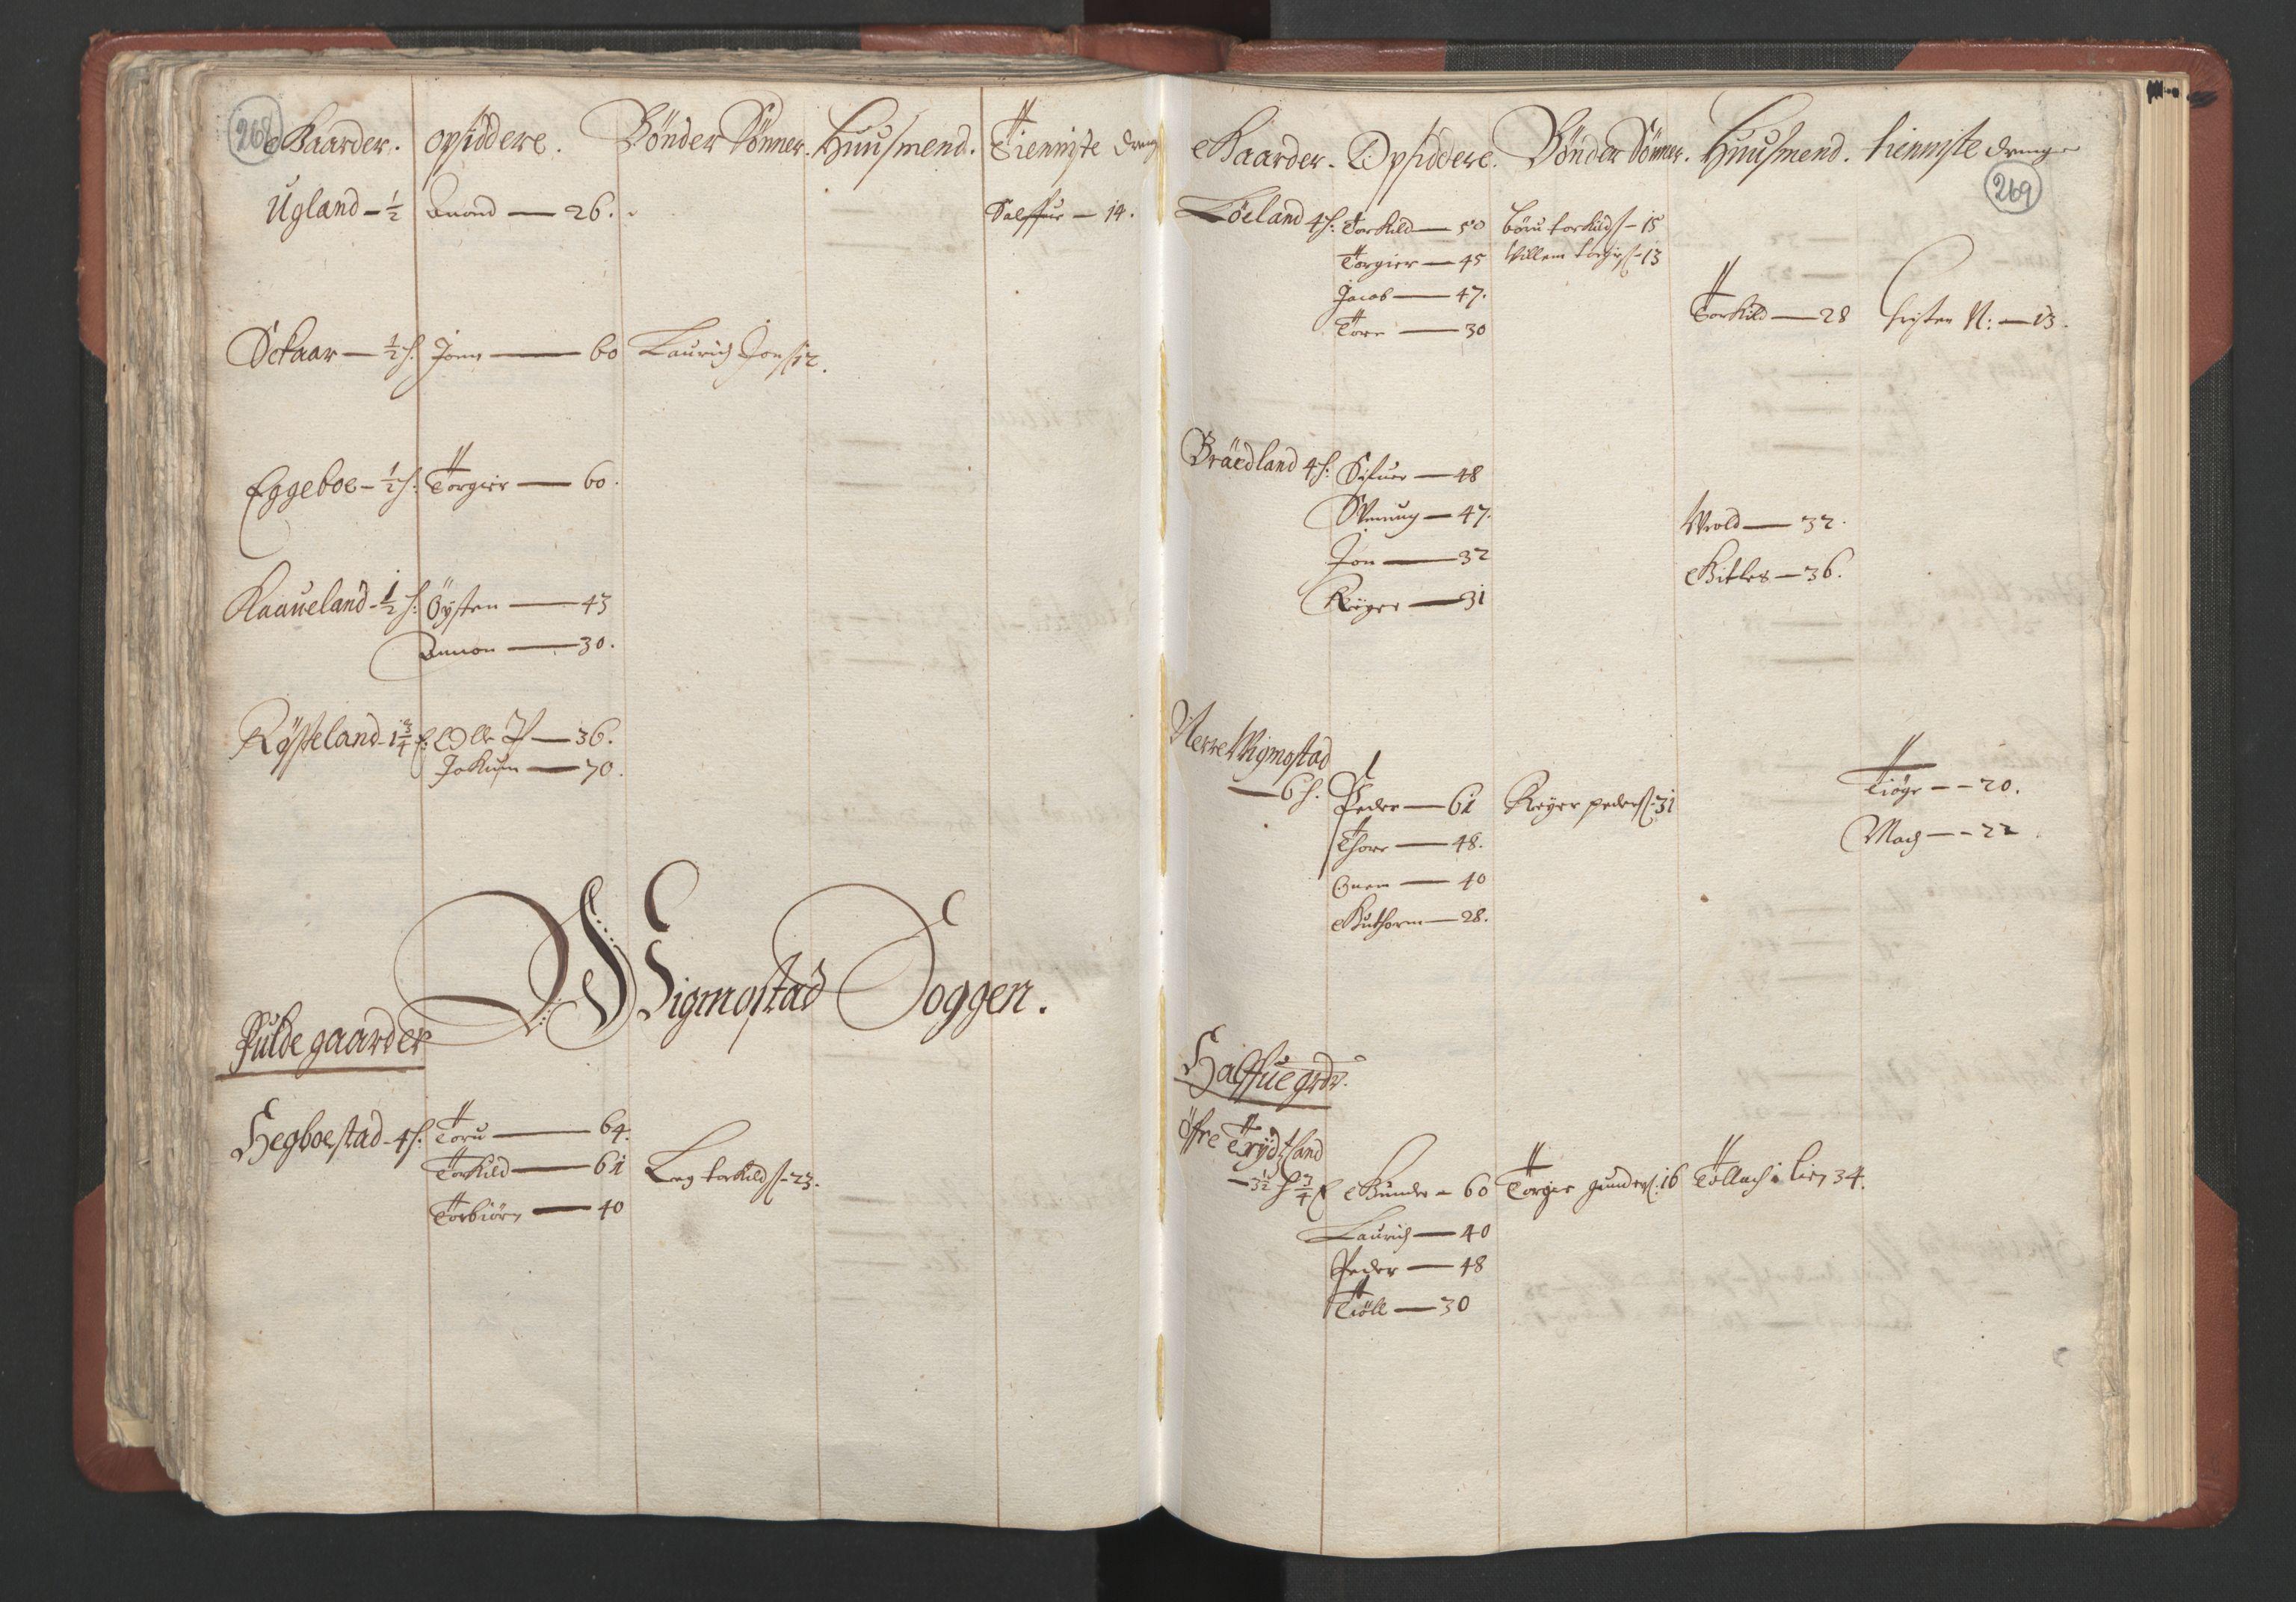 RA, Fogdenes og sorenskrivernes manntall 1664-1666, nr. 10: Lista len, 1664, s. 268-269